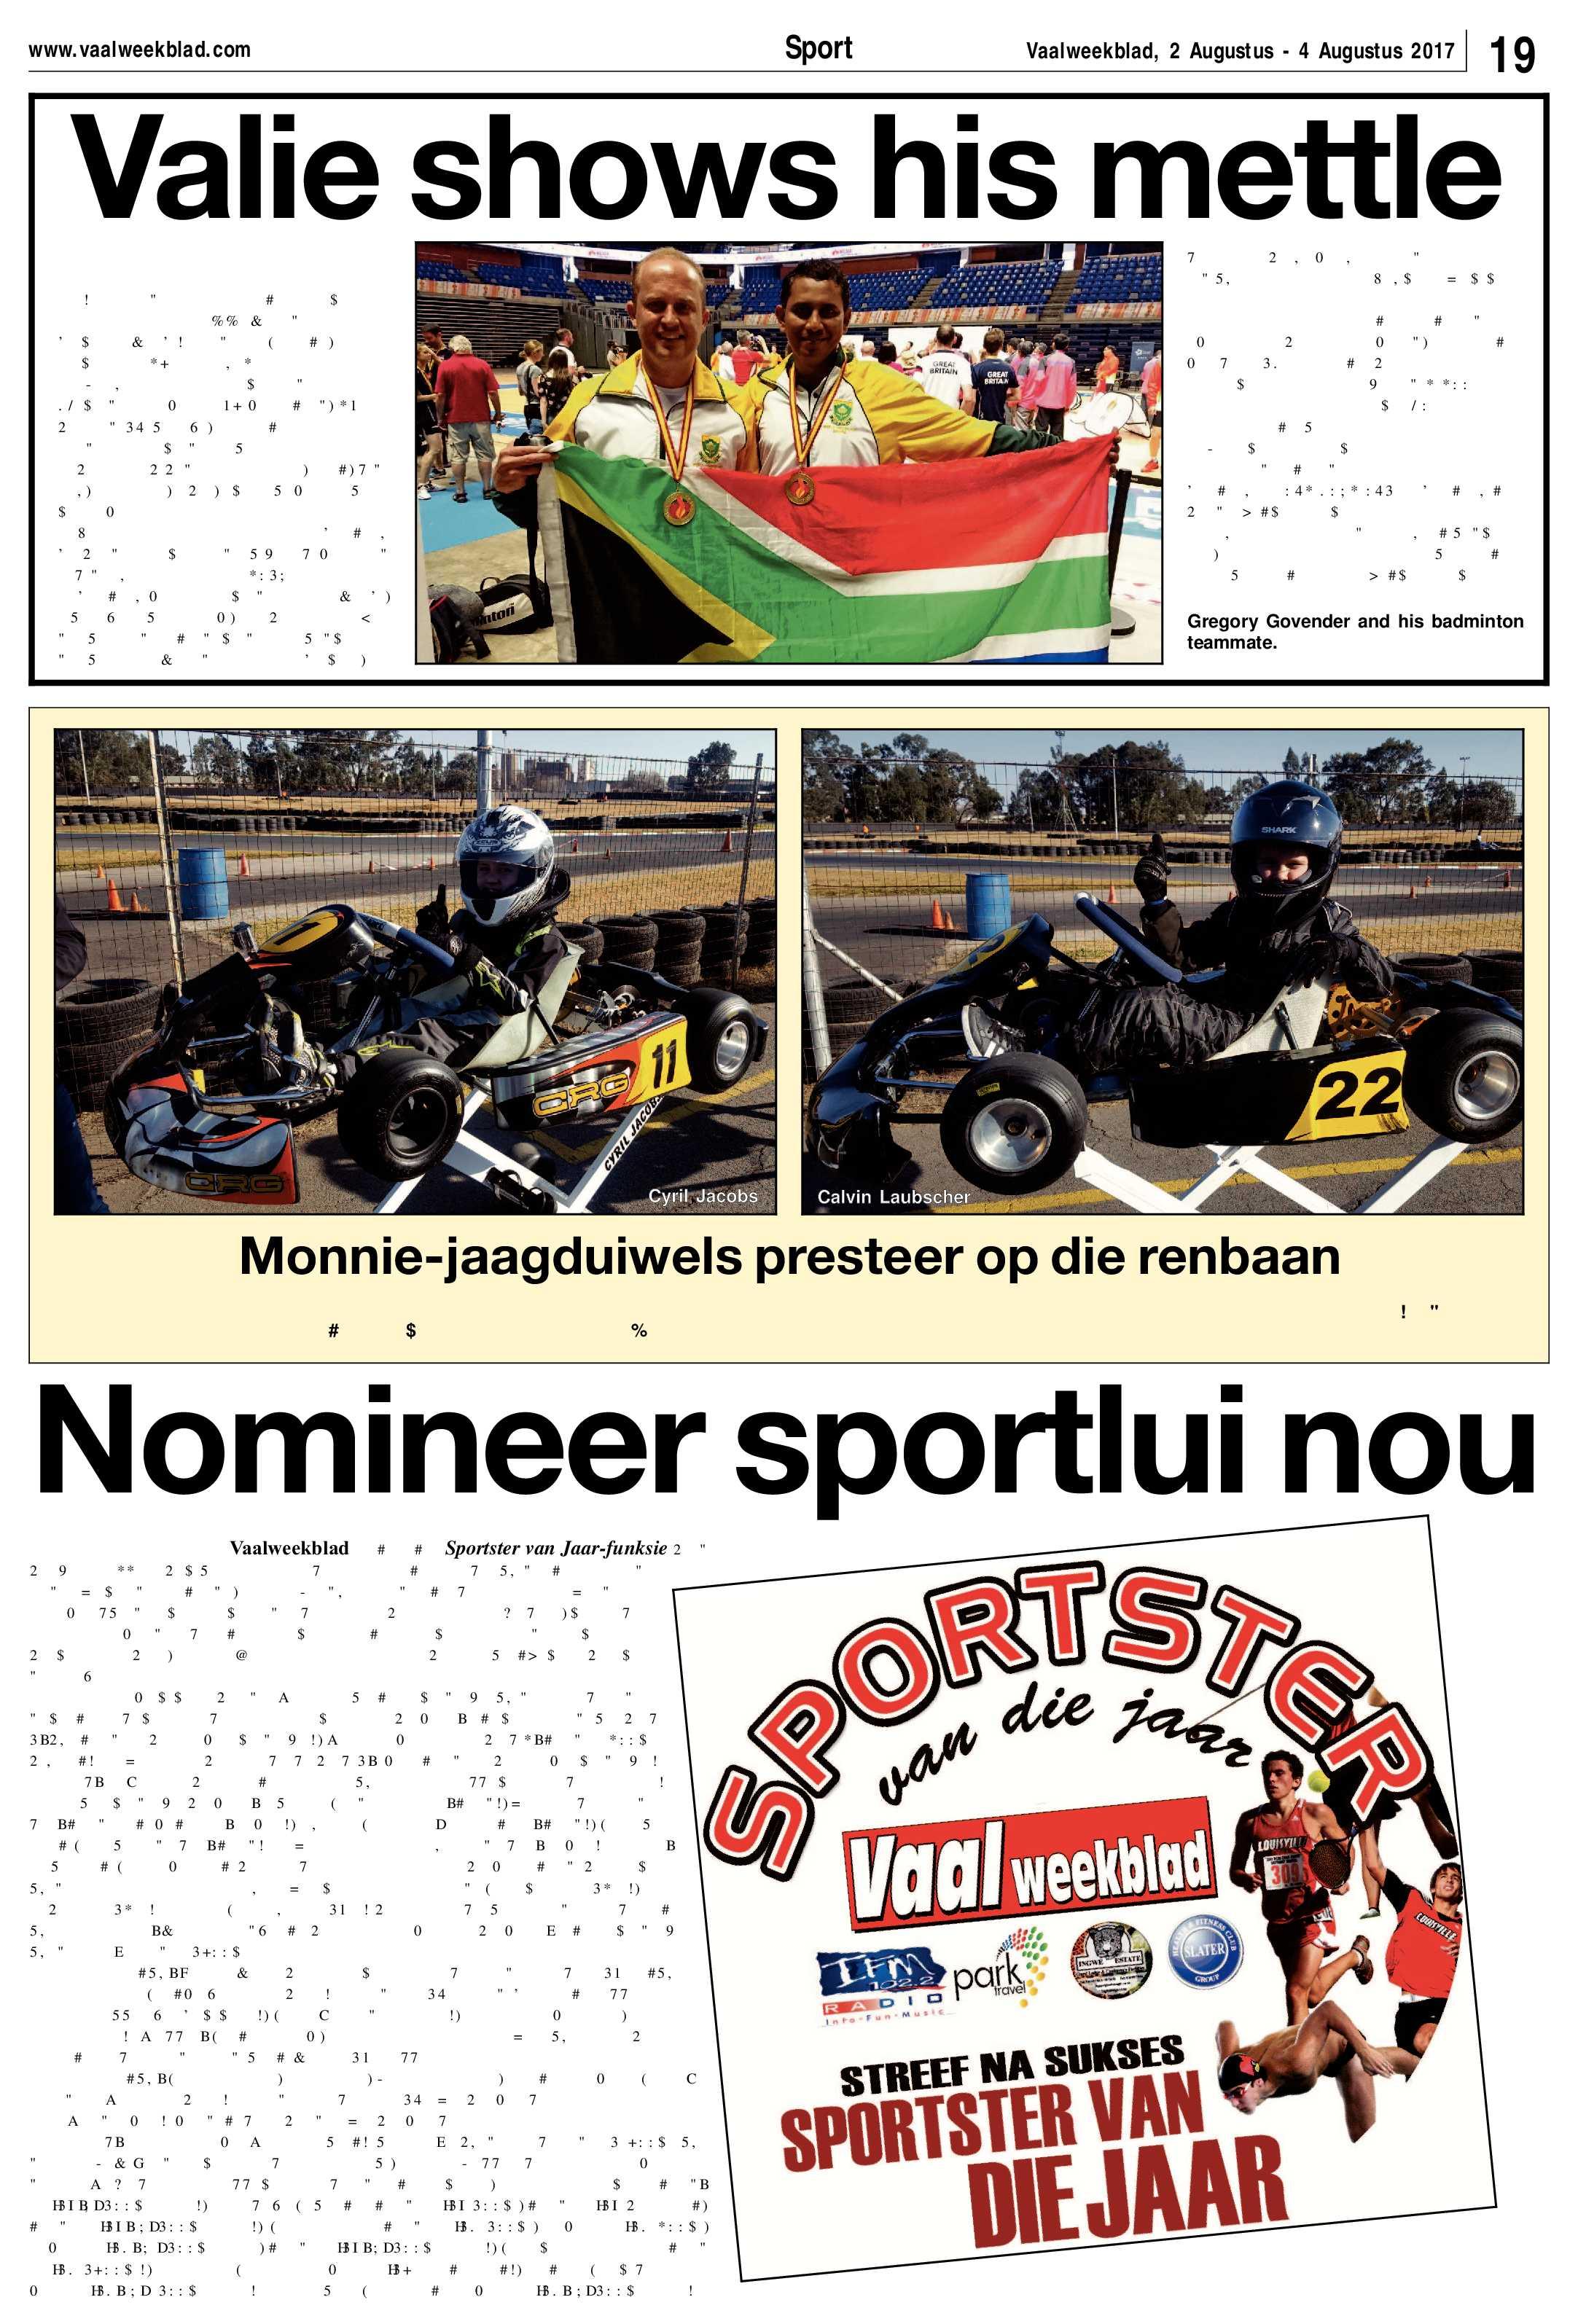 vaalweekblad-2-4-augustus-2017-epapers-page-19